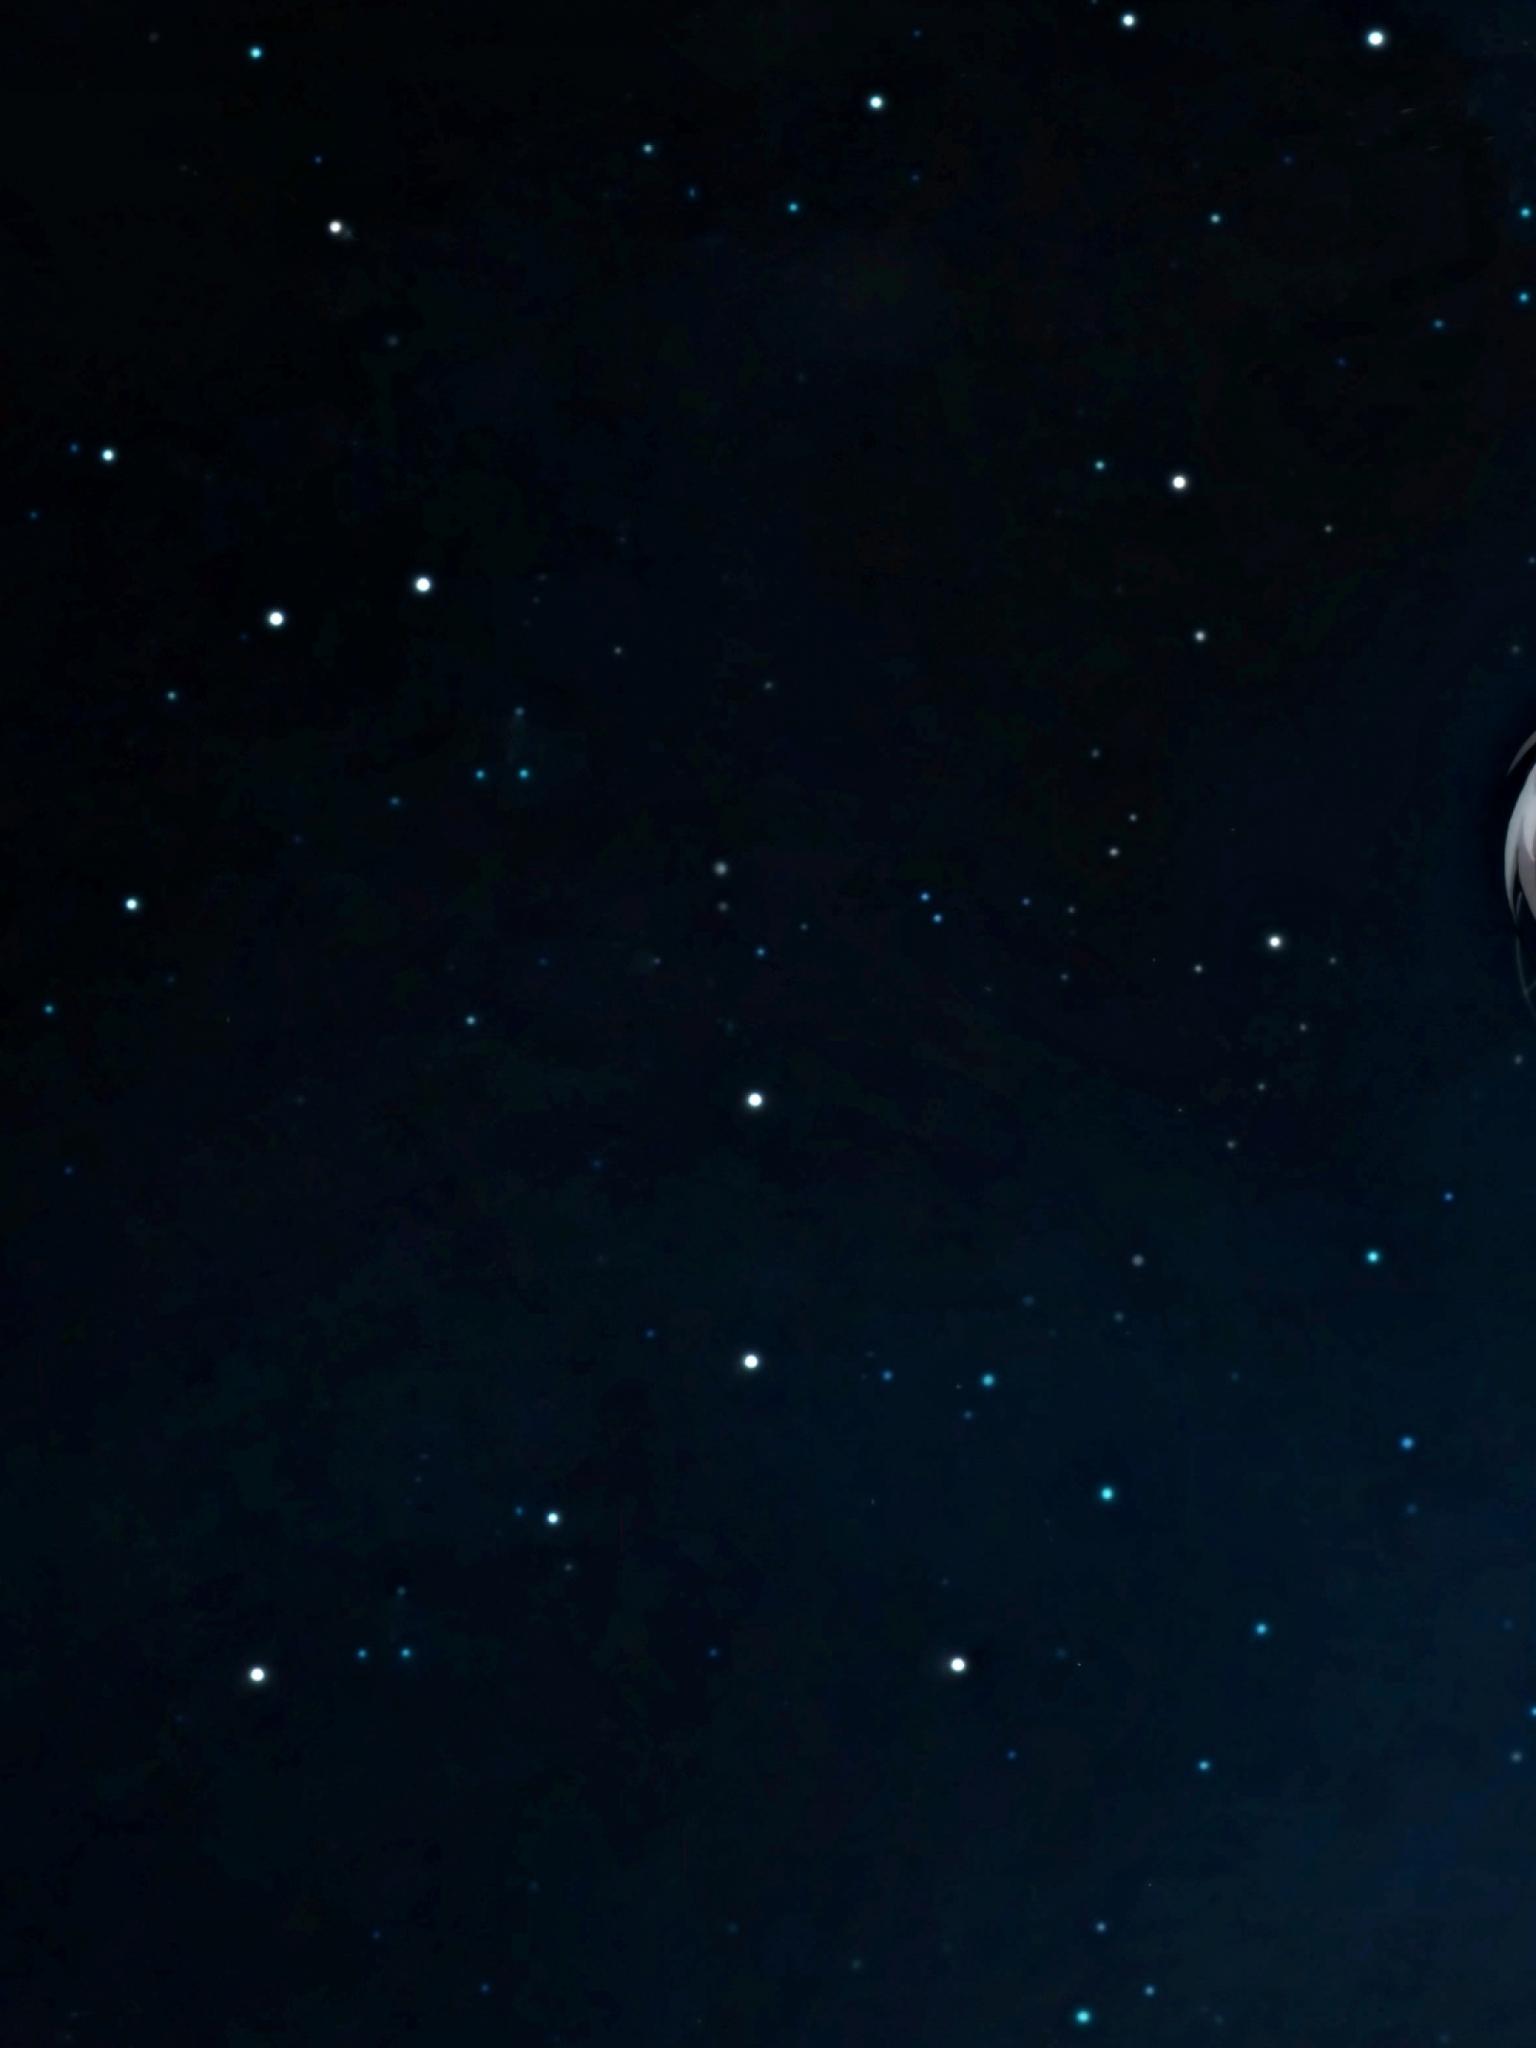 Anime Night Sky Background 4k Gambarku